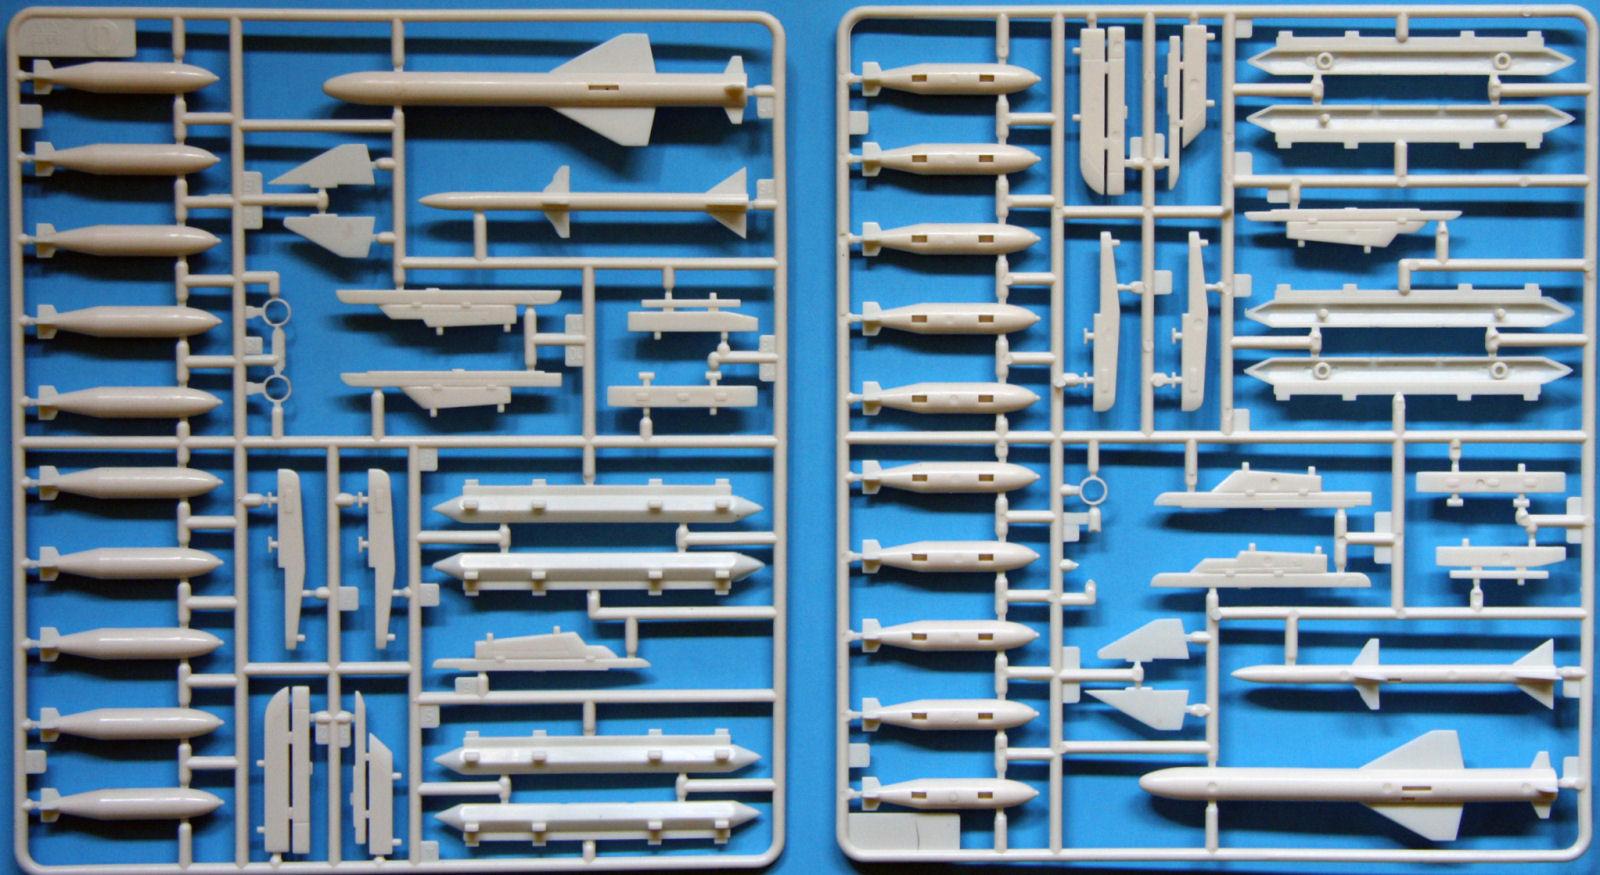 AA Sino Model F006 1 48 F 6bis A 5C Fantan Parts Image 03